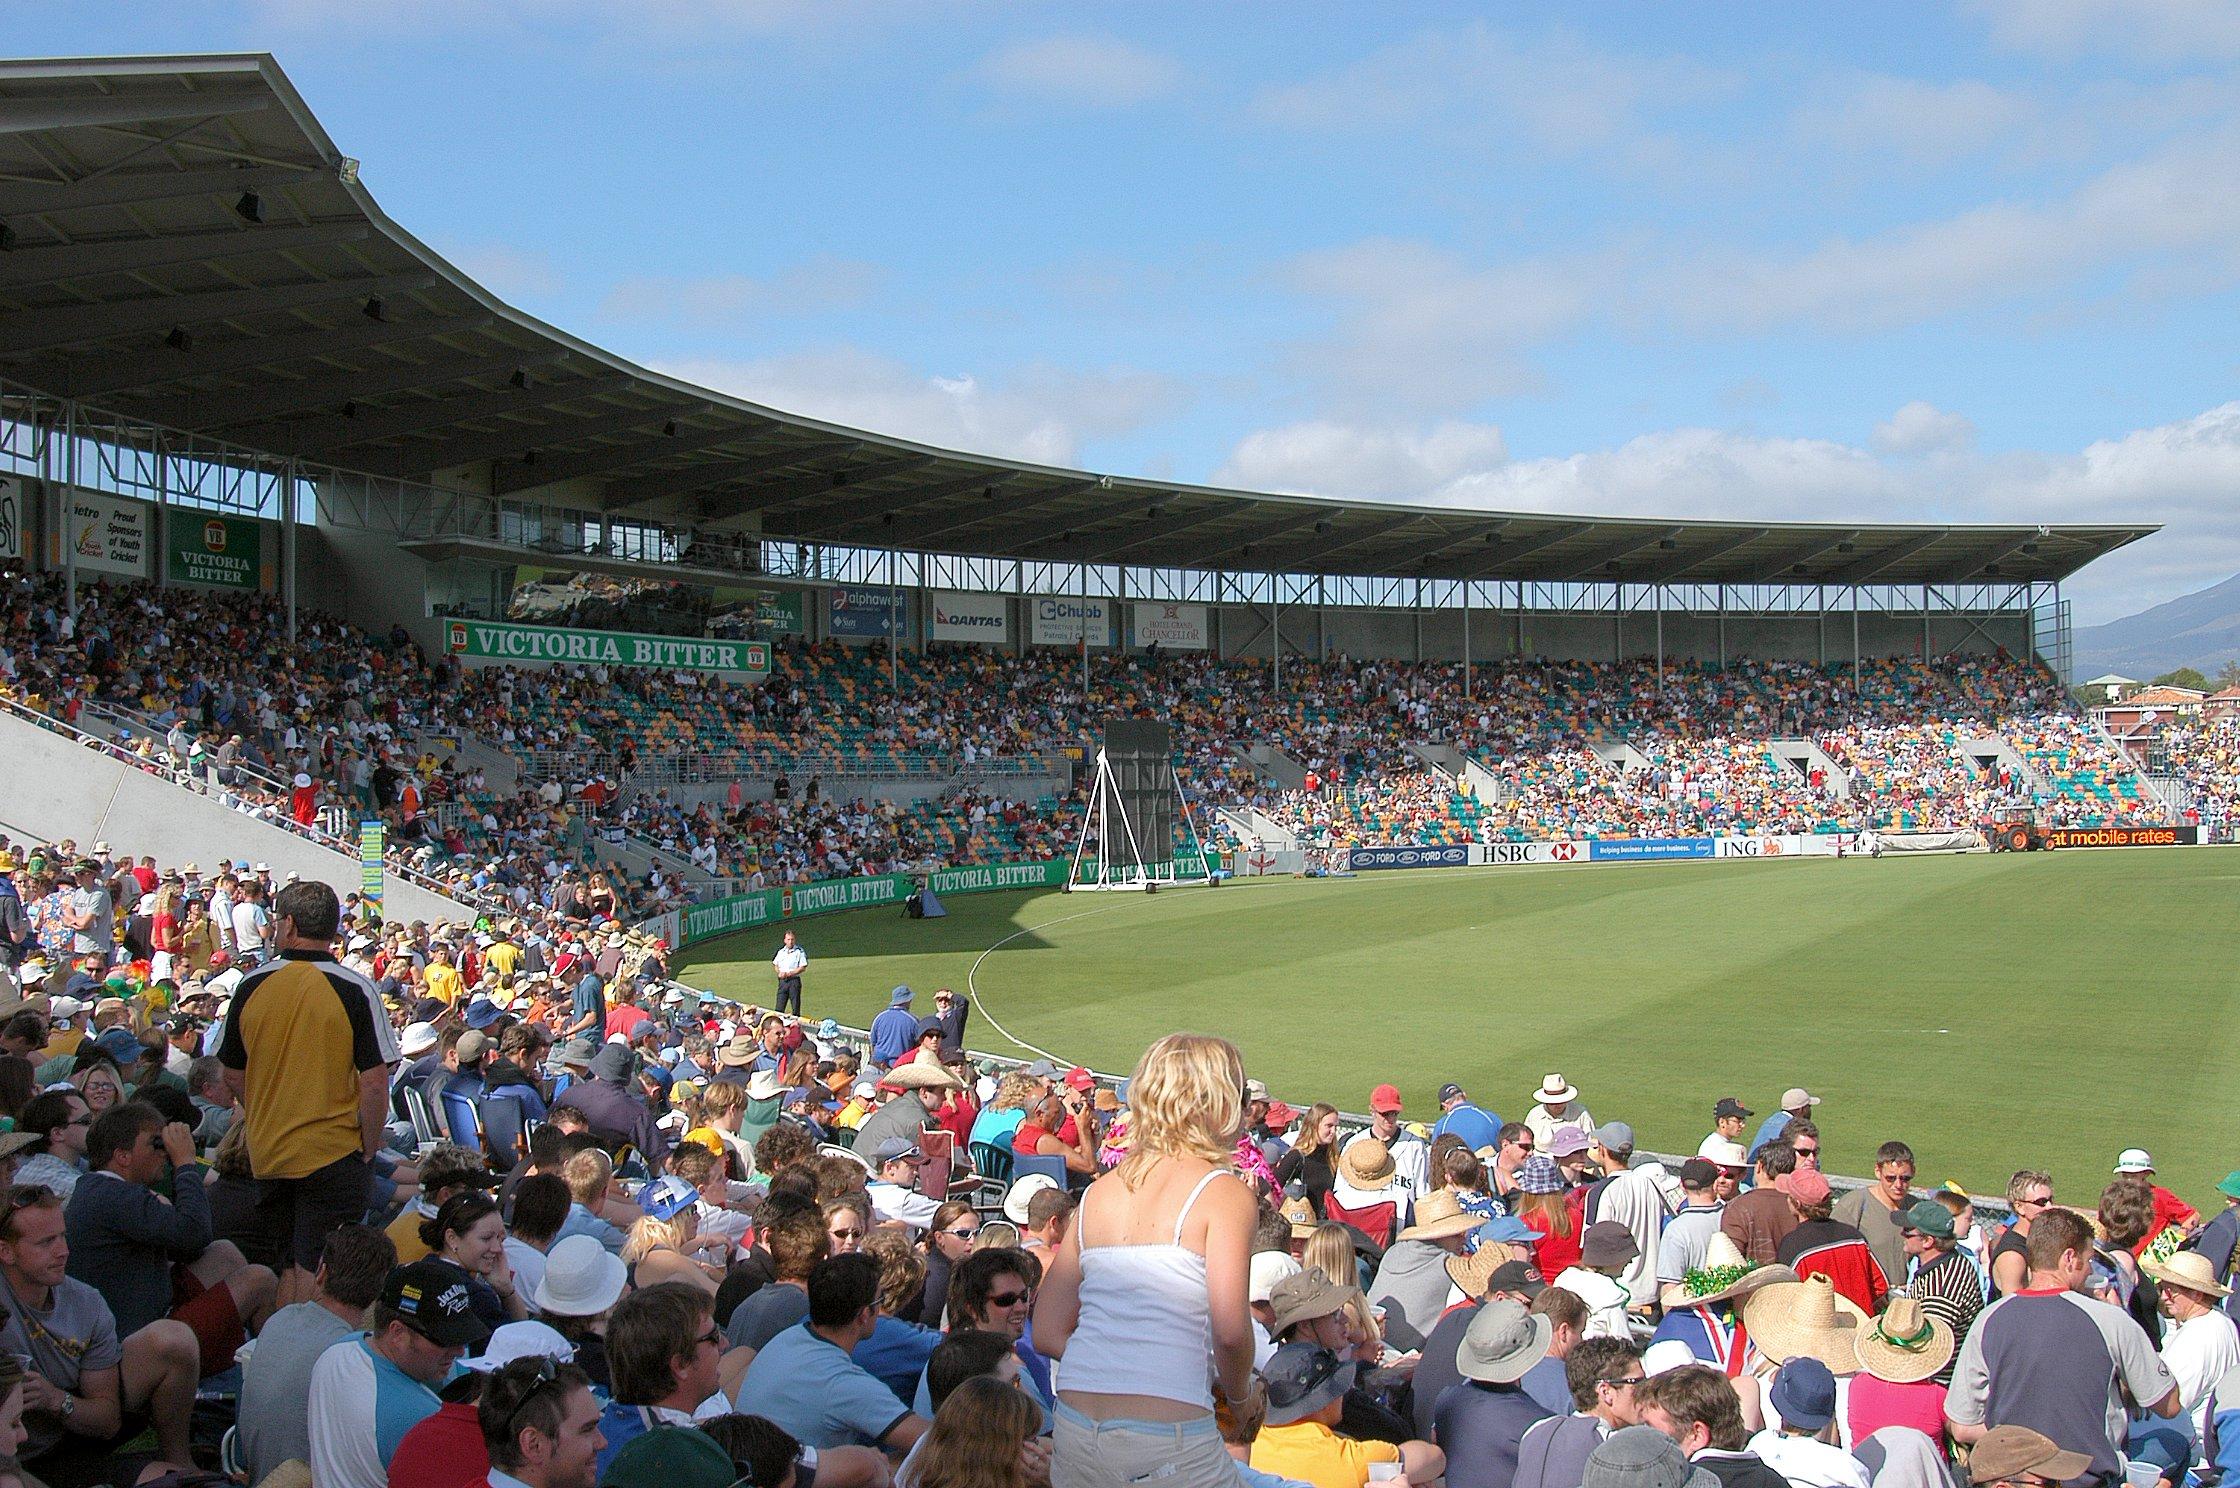 Eine Menschenmenge in einem Stadion